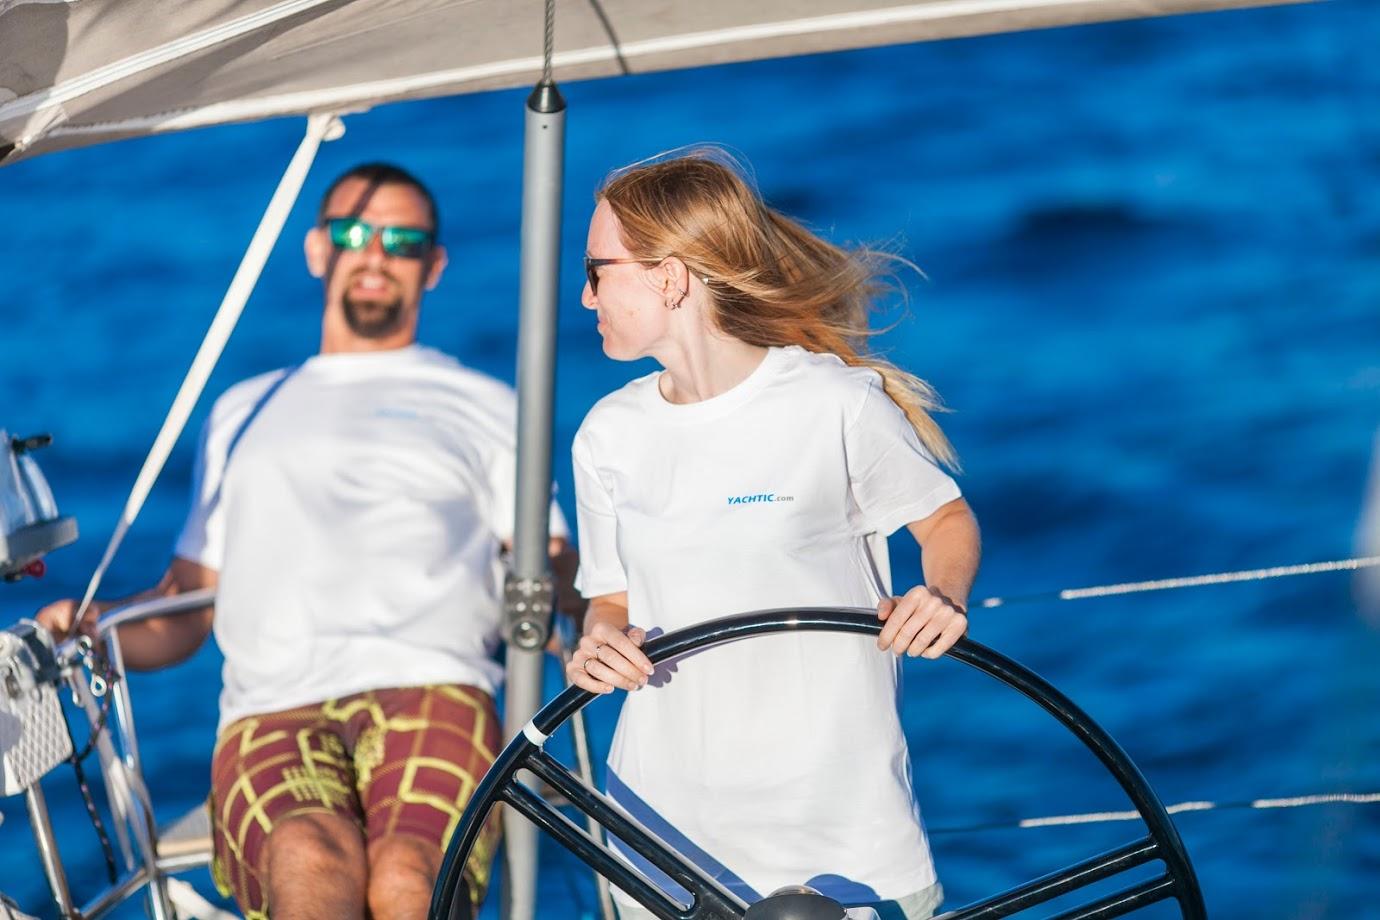 YACHTIC Trip 2018. czyli nasze wrażenia z jachtingu w Chorwacji - Bałkany według Rudej